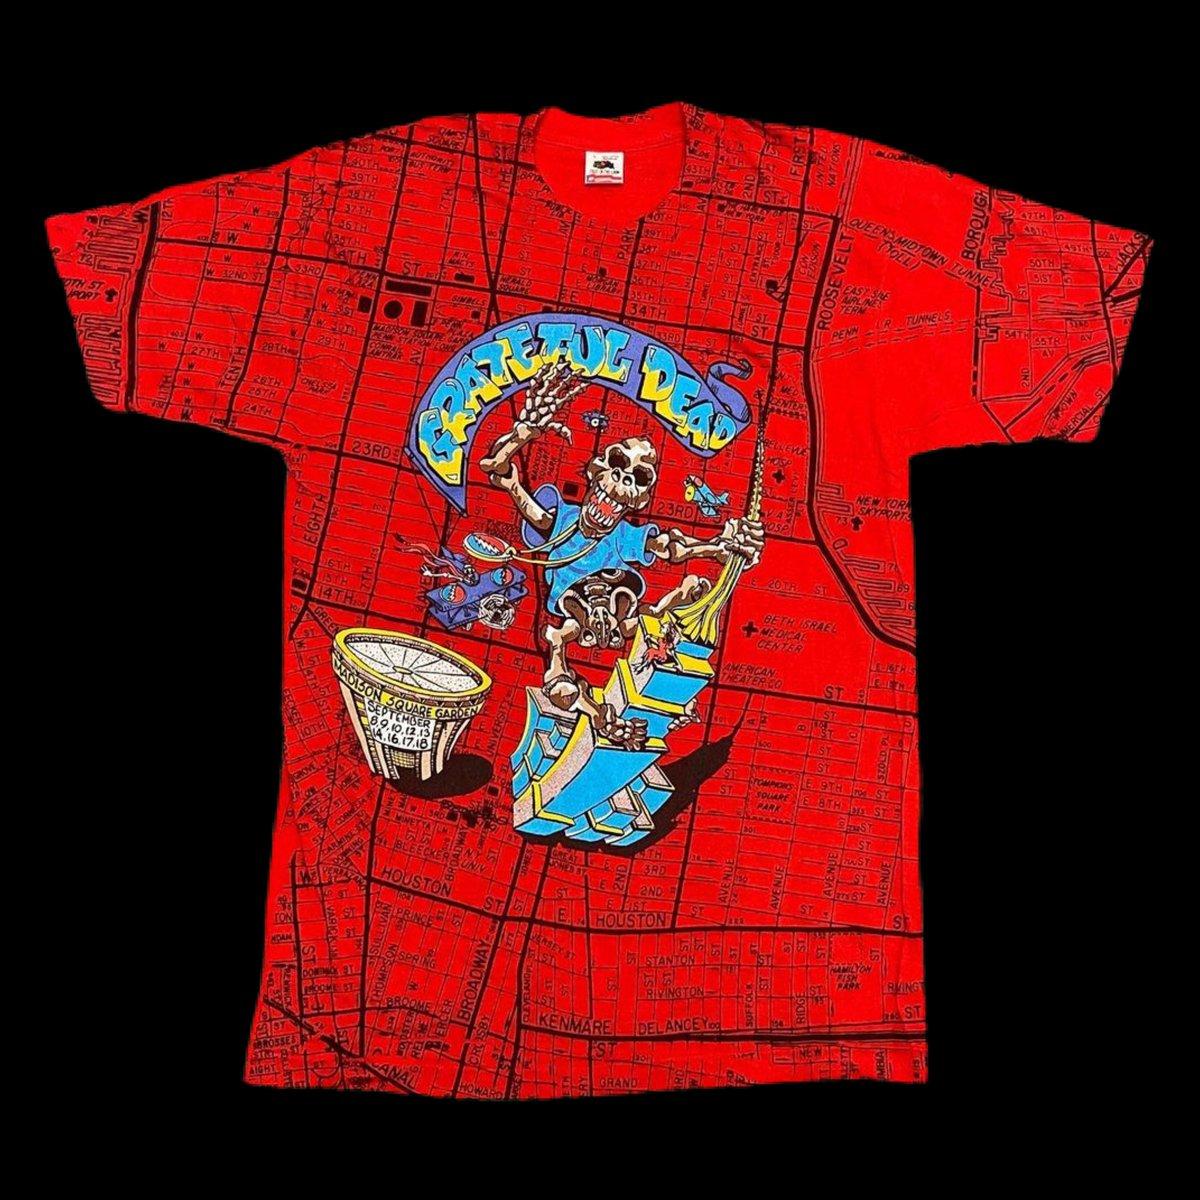 Original RARE Vintage Grateful Dead MSG New York 1991 All Over Print!! - Large